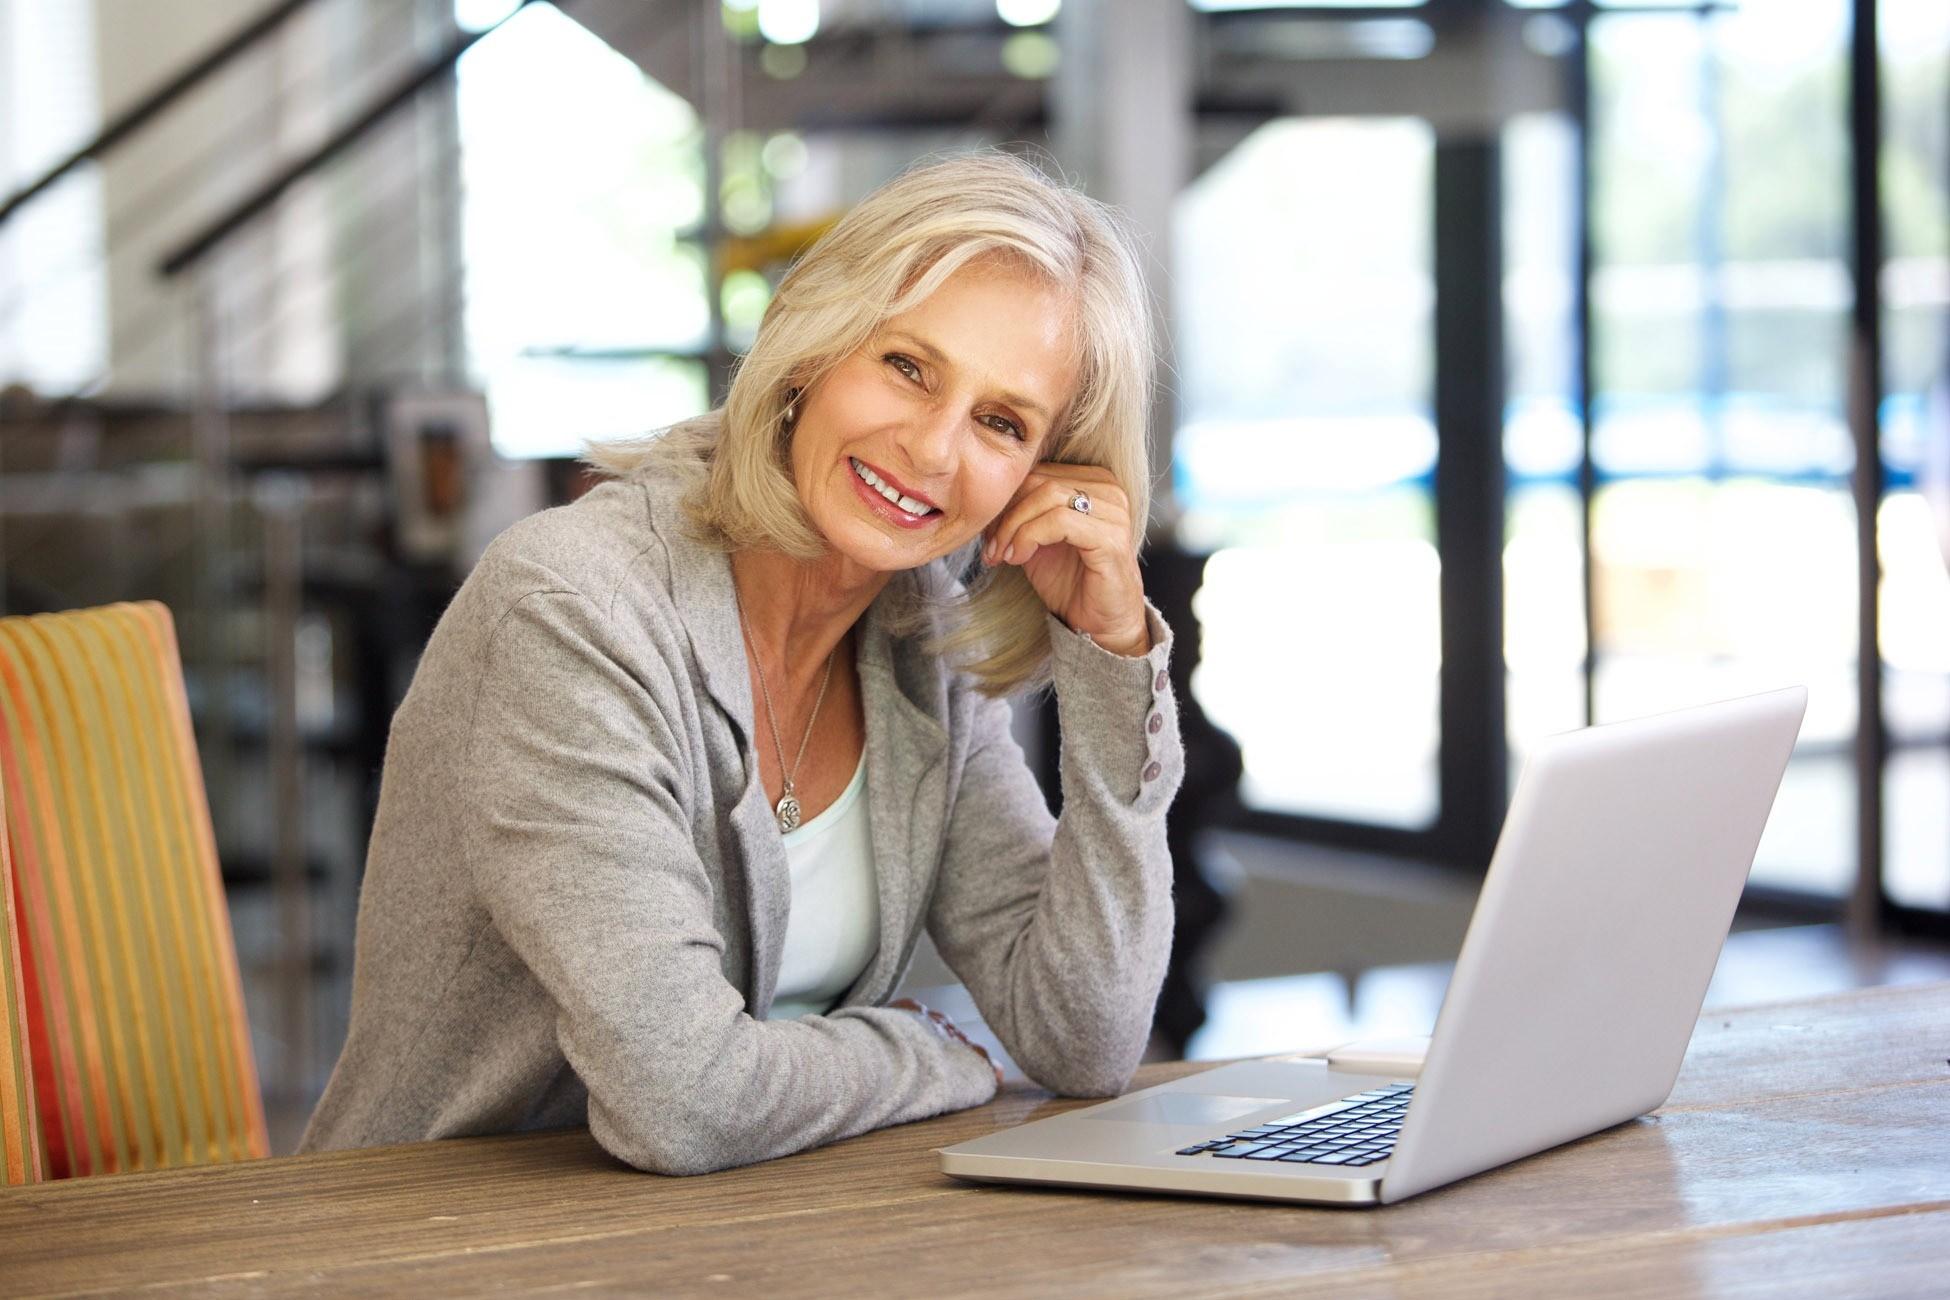 Вакансии для женщин от 50 лет: дельные советы о том, как точно найти работу